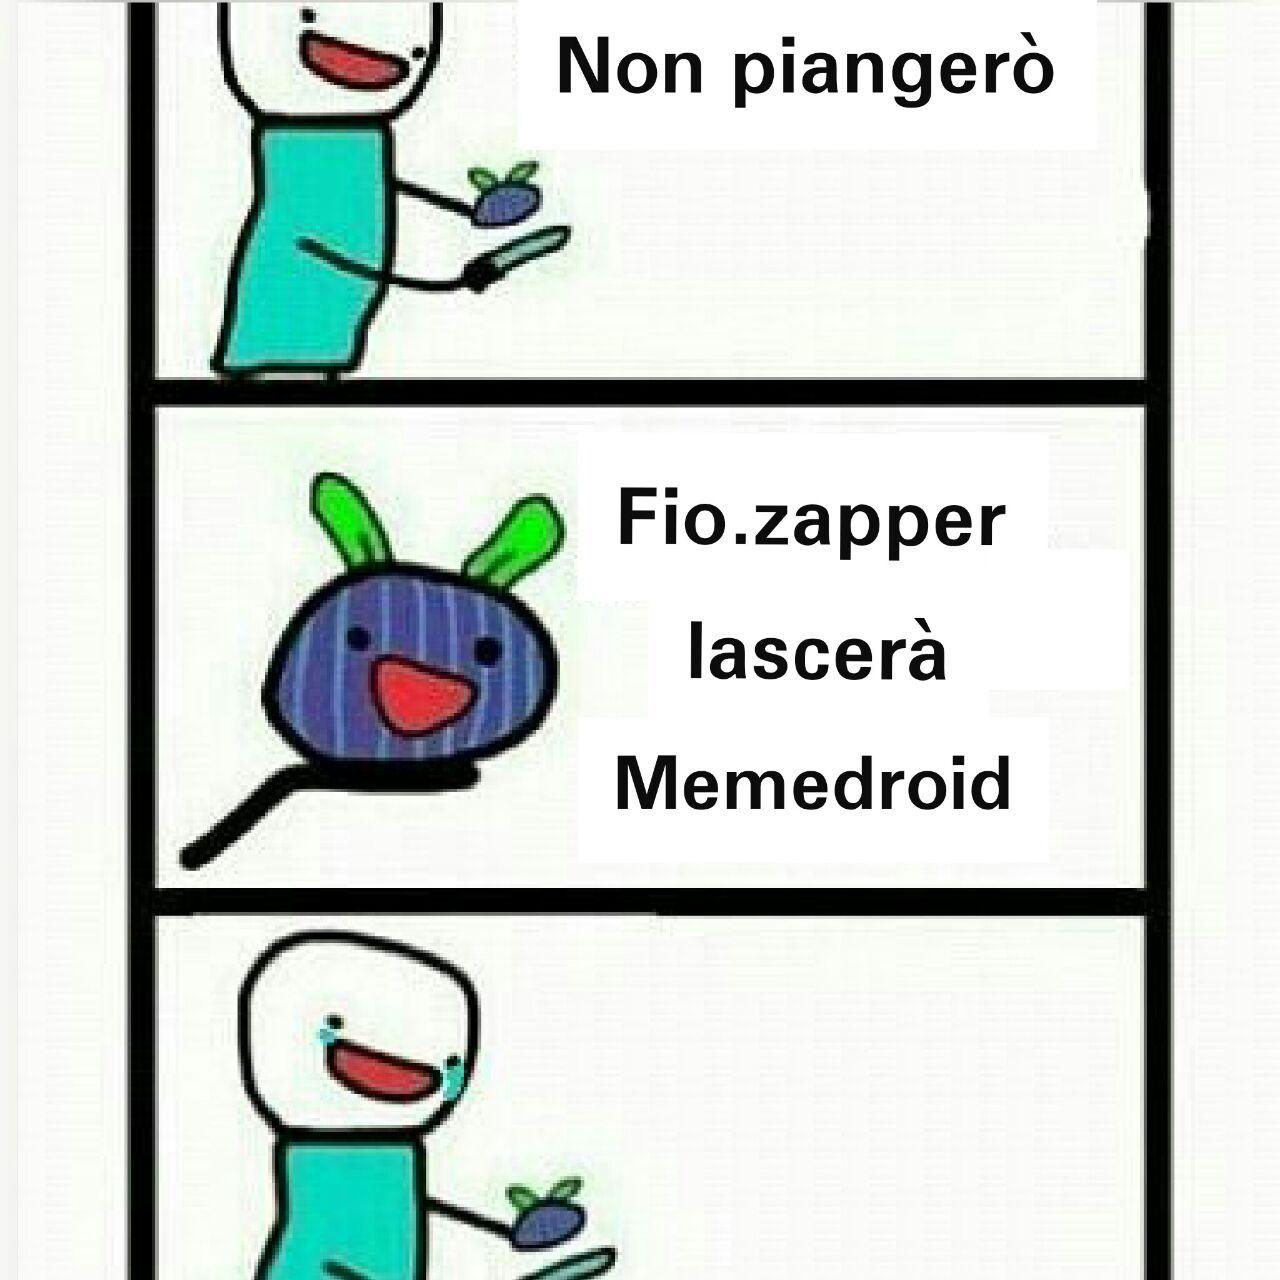 Sto morendo dalla tristezza - meme